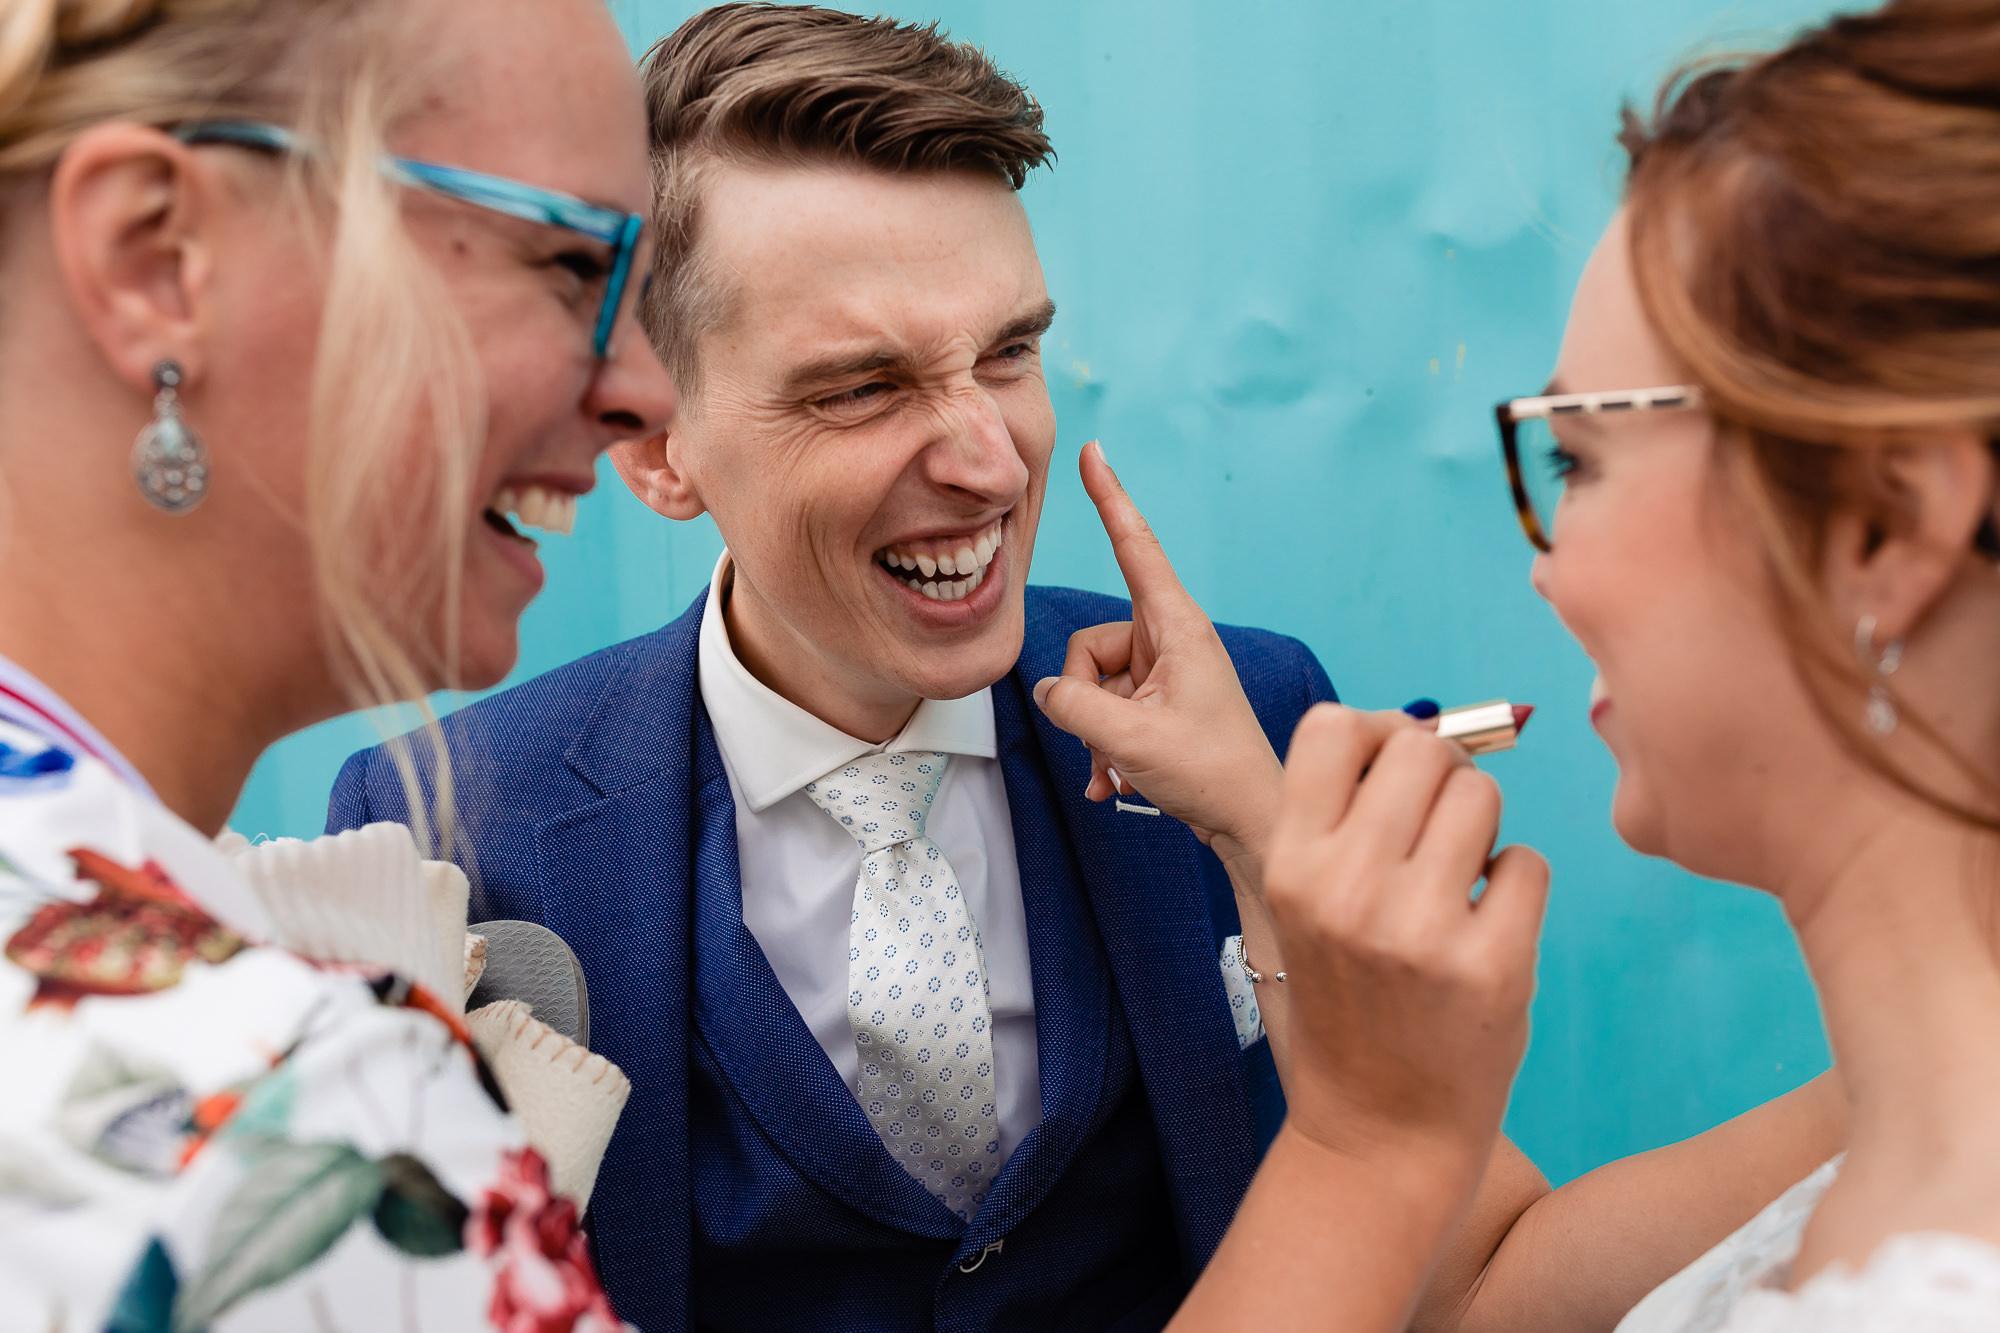 Bruid wordt opgemaakt door vriendin terwijl ze lachend de bruidegom aanraakt